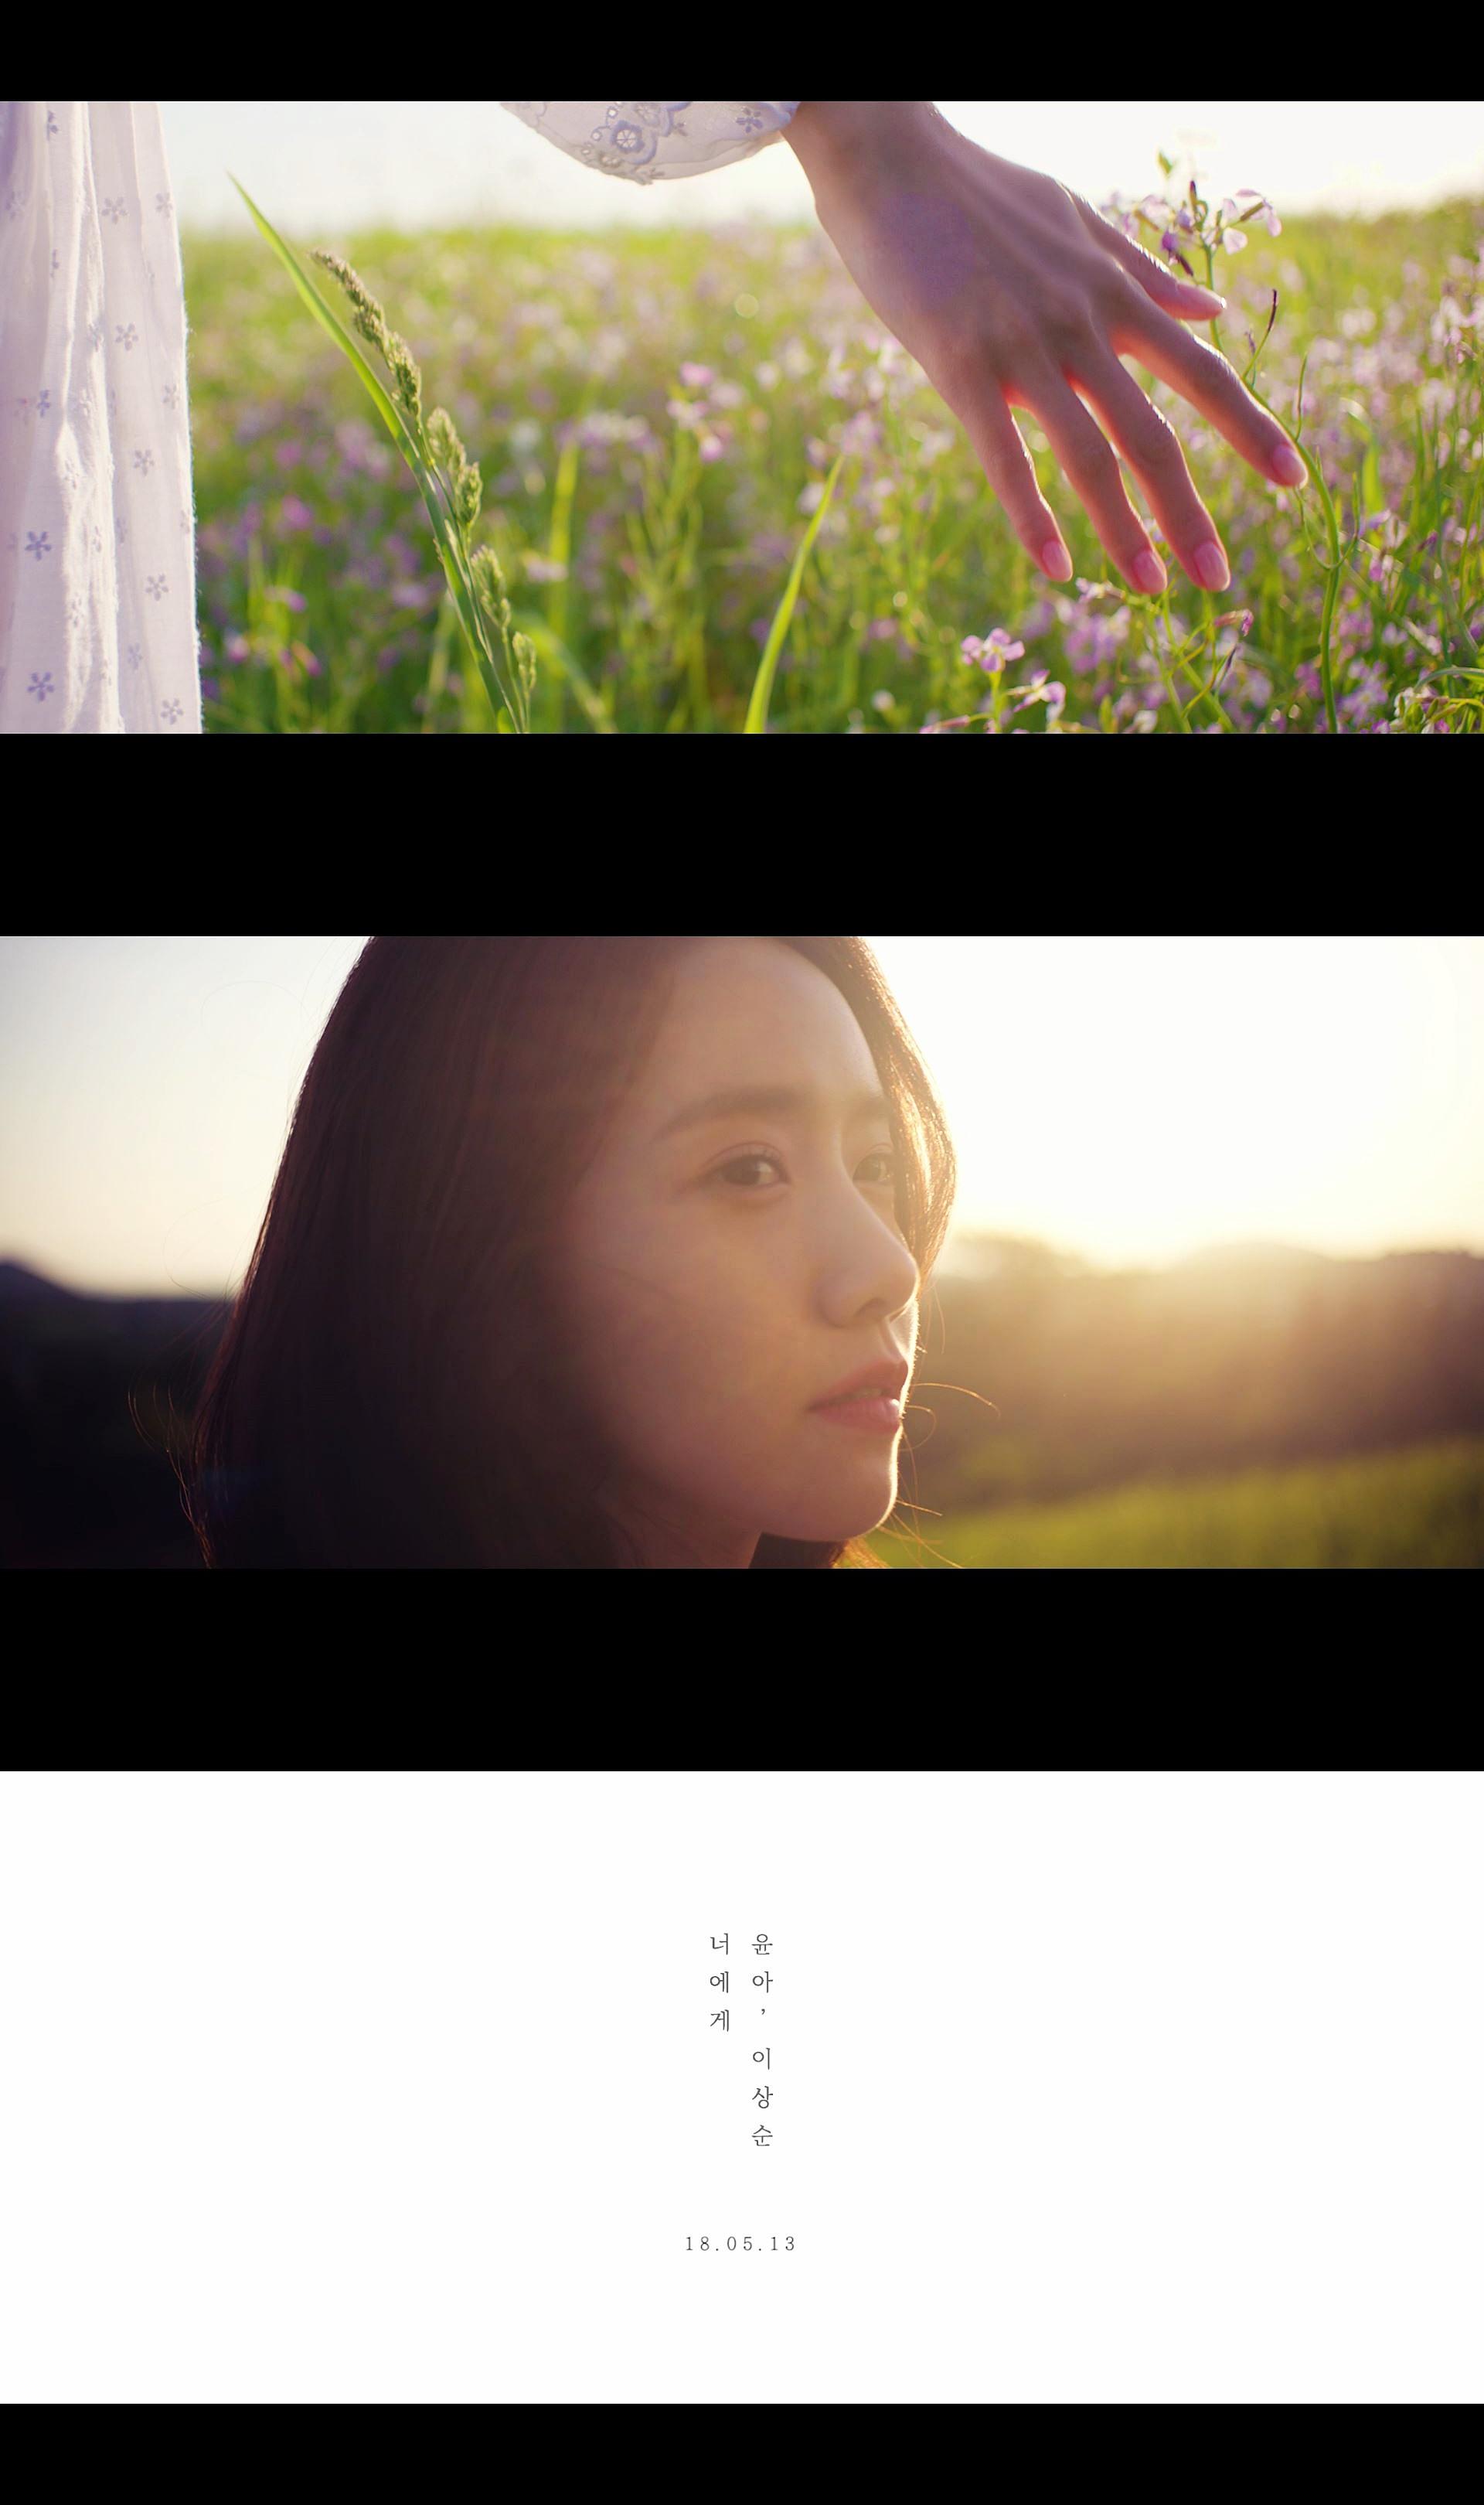 允儿x李尚顺《致你(To You)》MV预告片公开